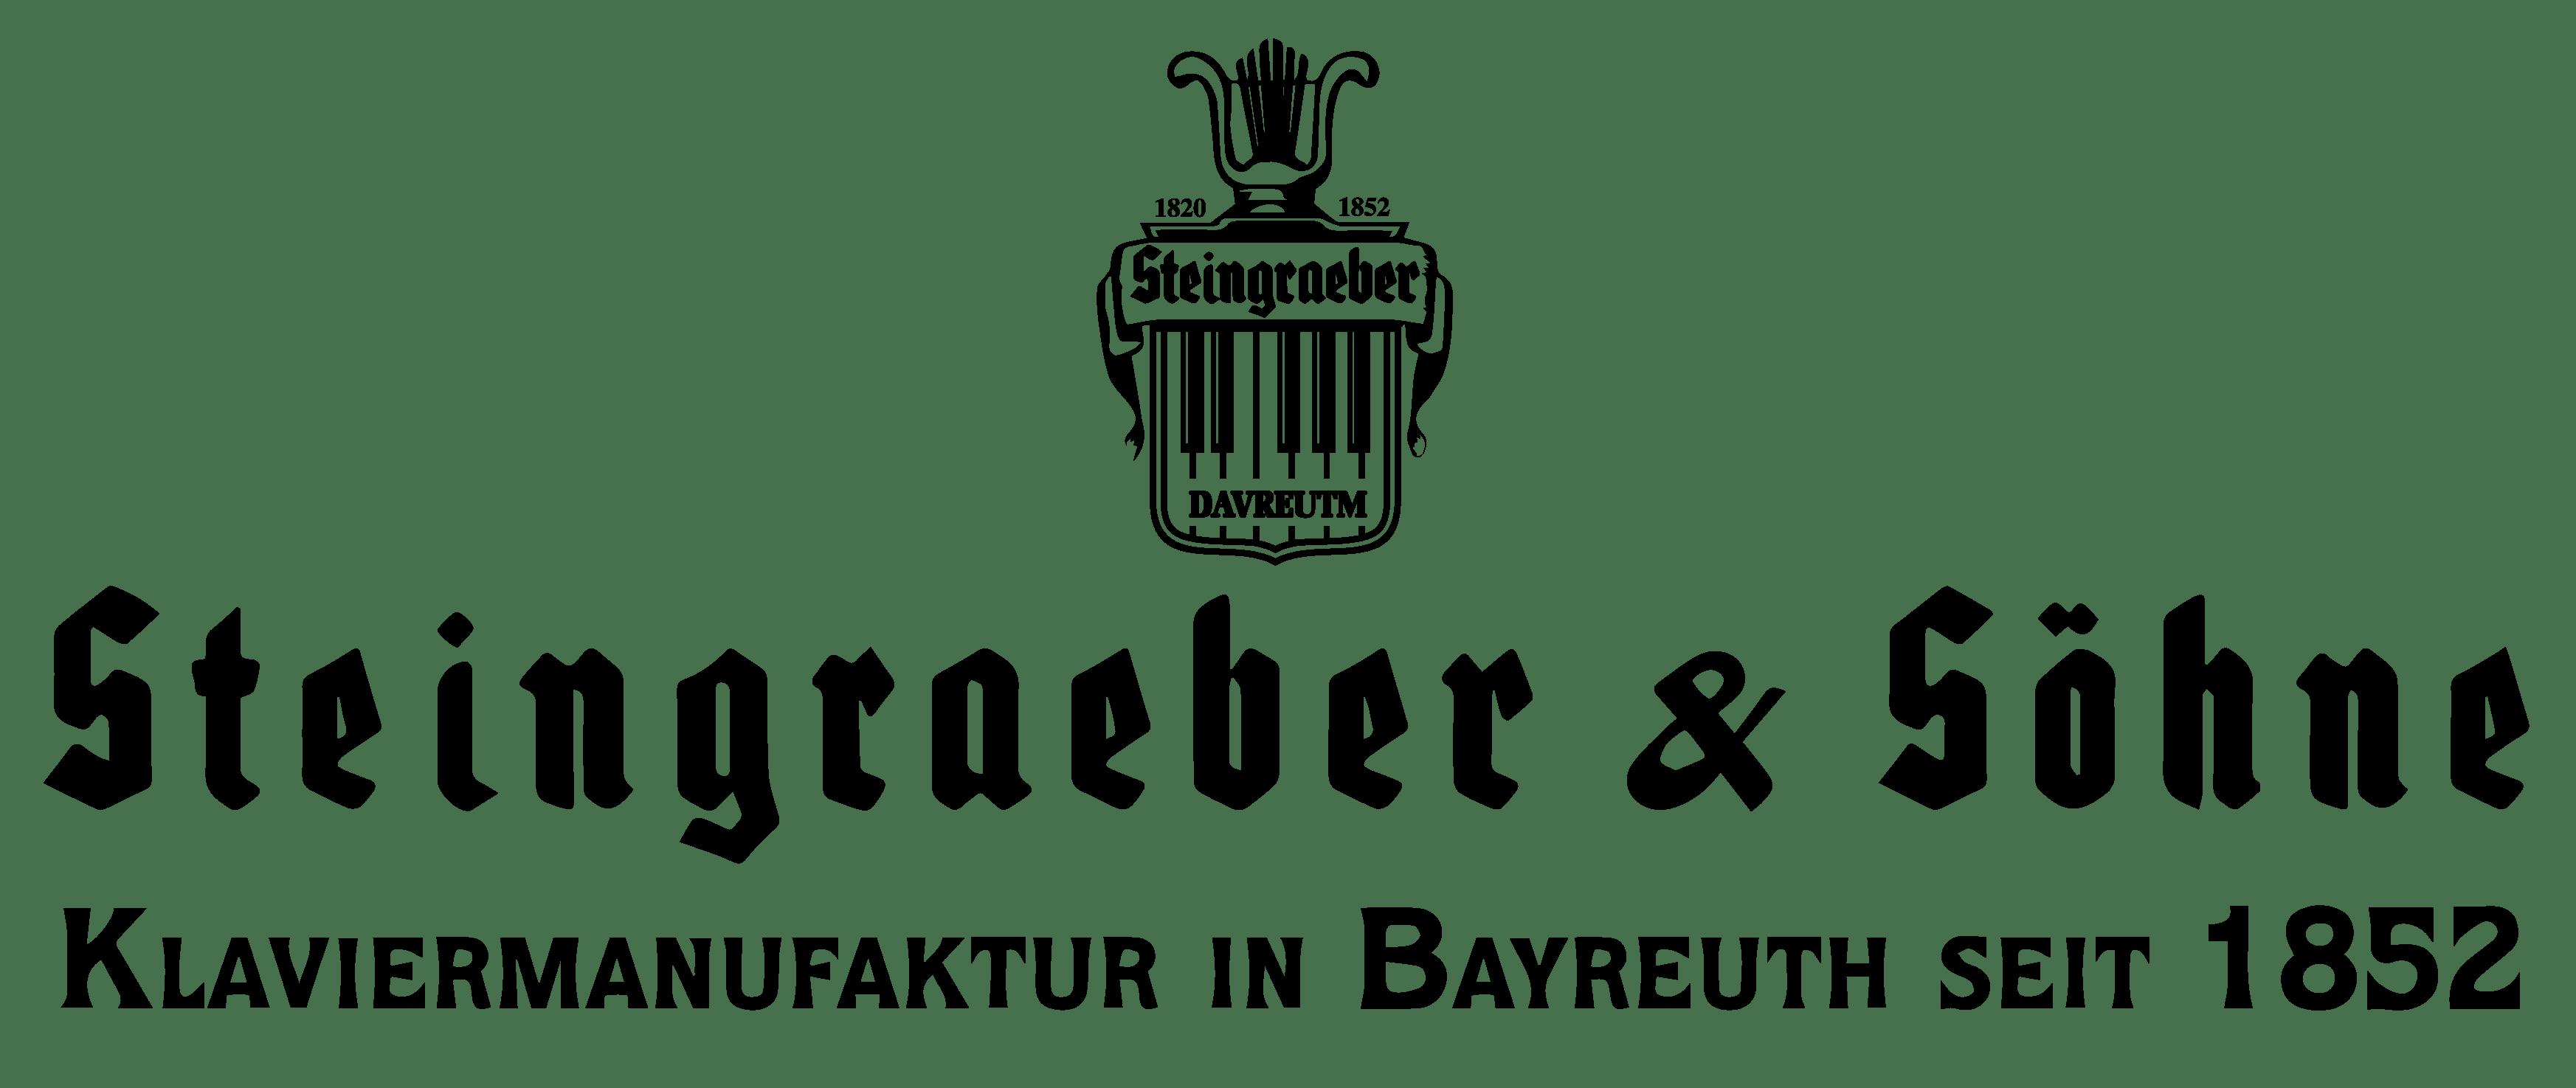 steingraeber11-01-1